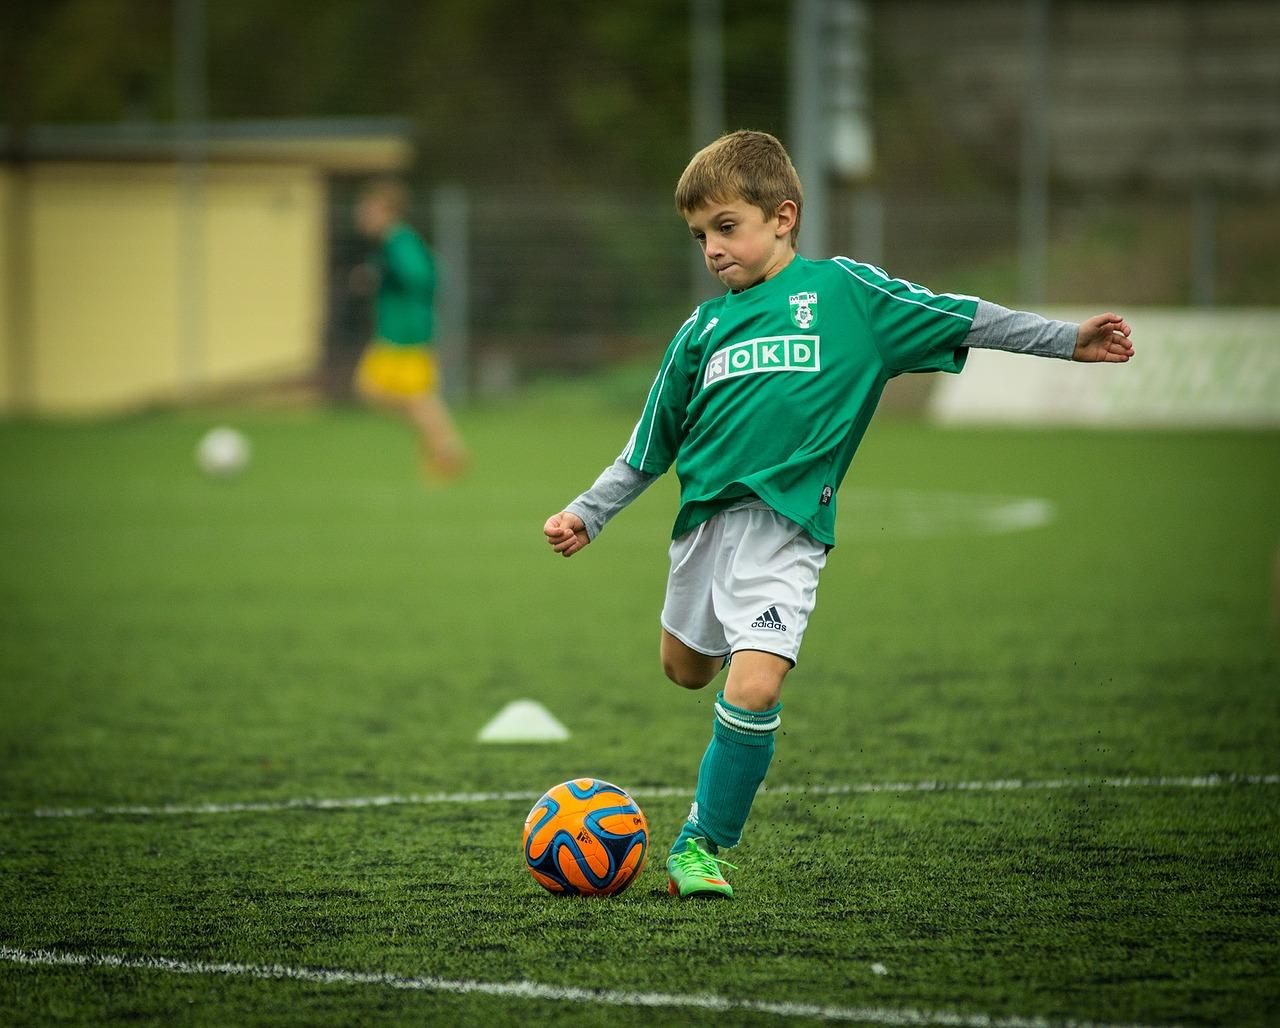 preparación física de fútbol pretemporada